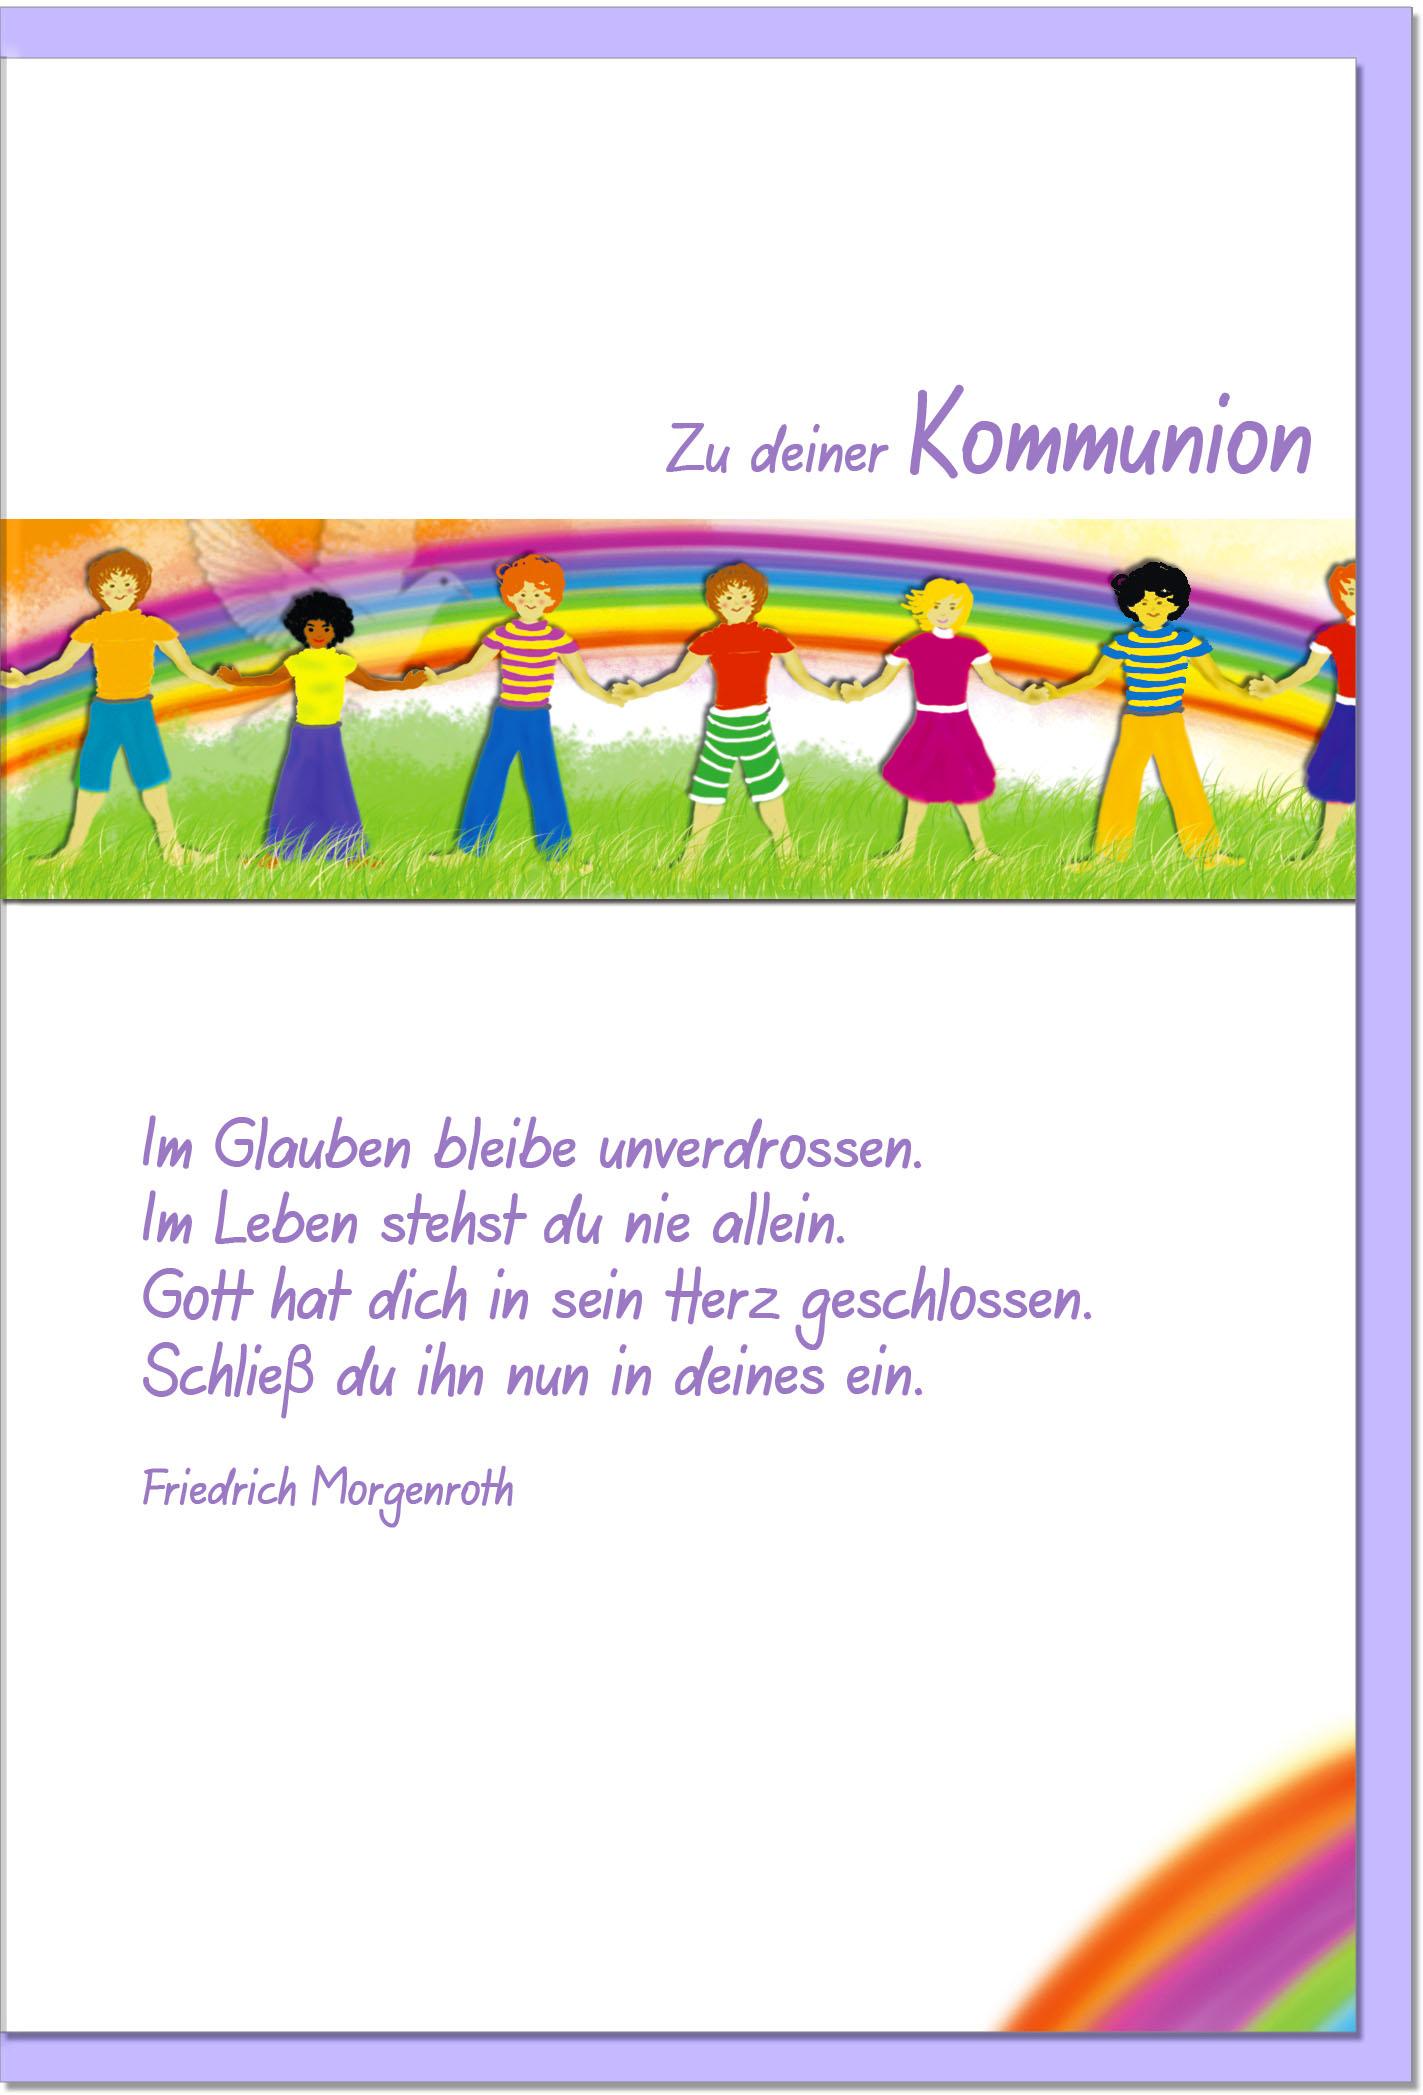 Kommunionskarten / Grußkarten /Kommunion Kinder